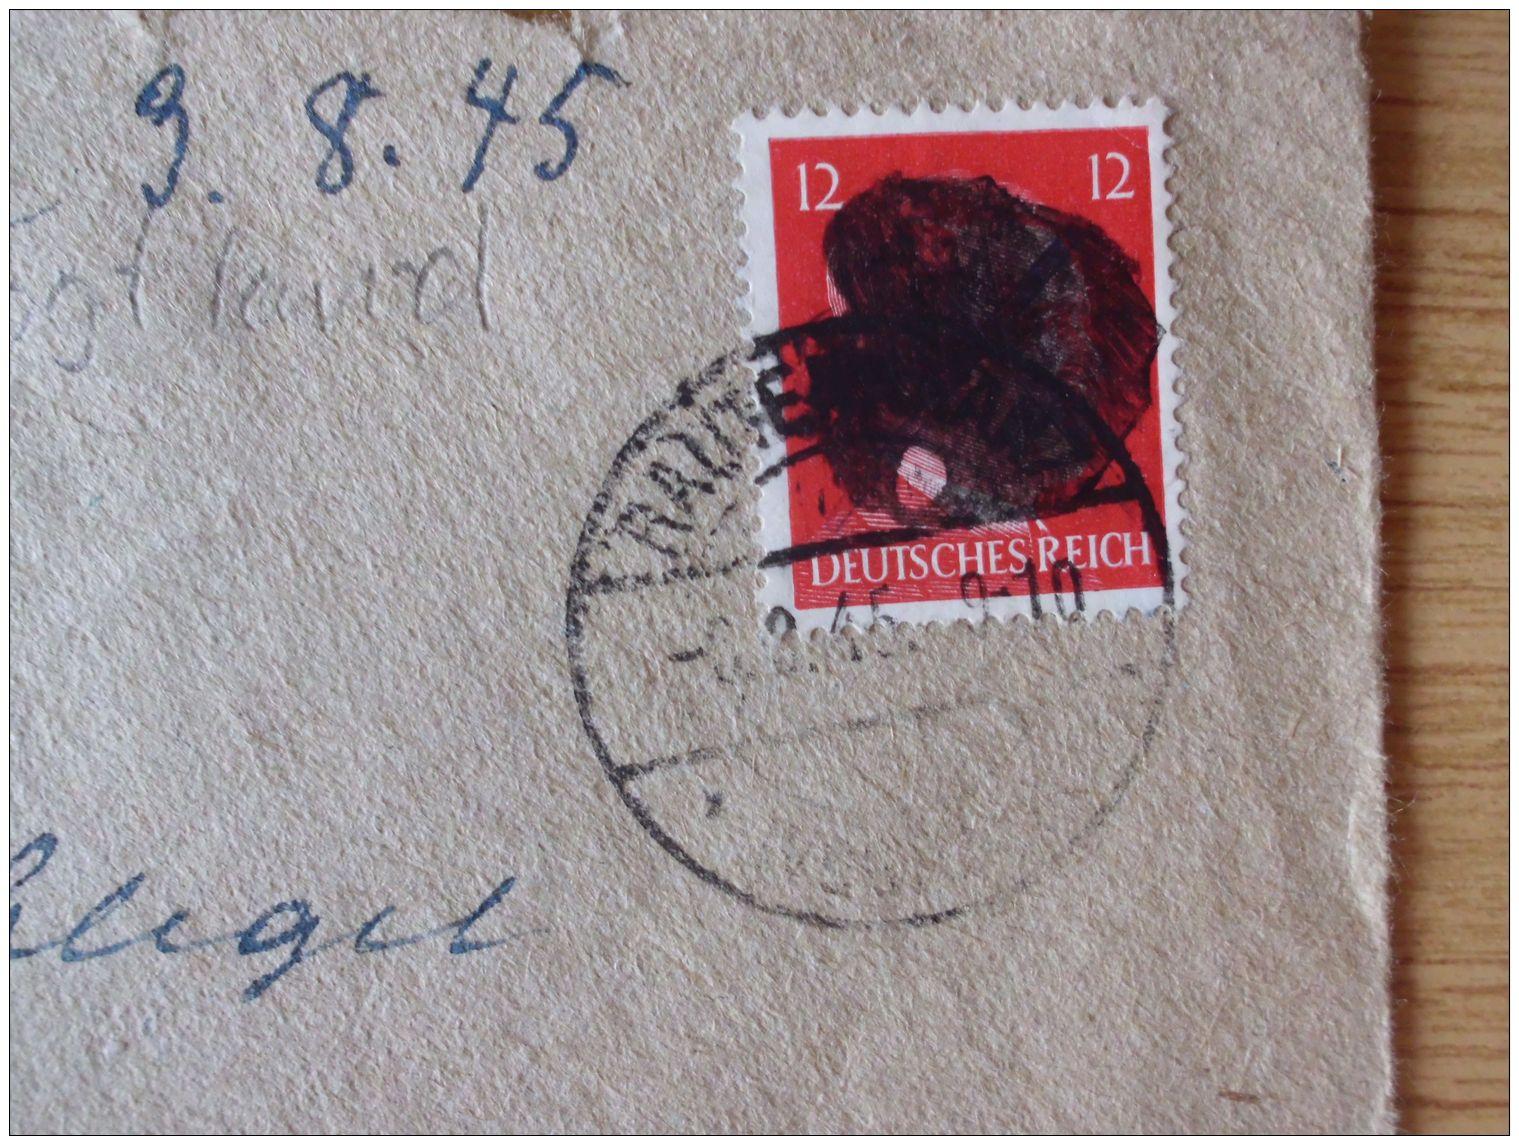 06.08.1945, SÄCHSISCHE SCHWÄRZUNG, BELEG Mit HITLERKOPF Mit STEMPEL Von RAUTENKRANZ - Zona Sovietica